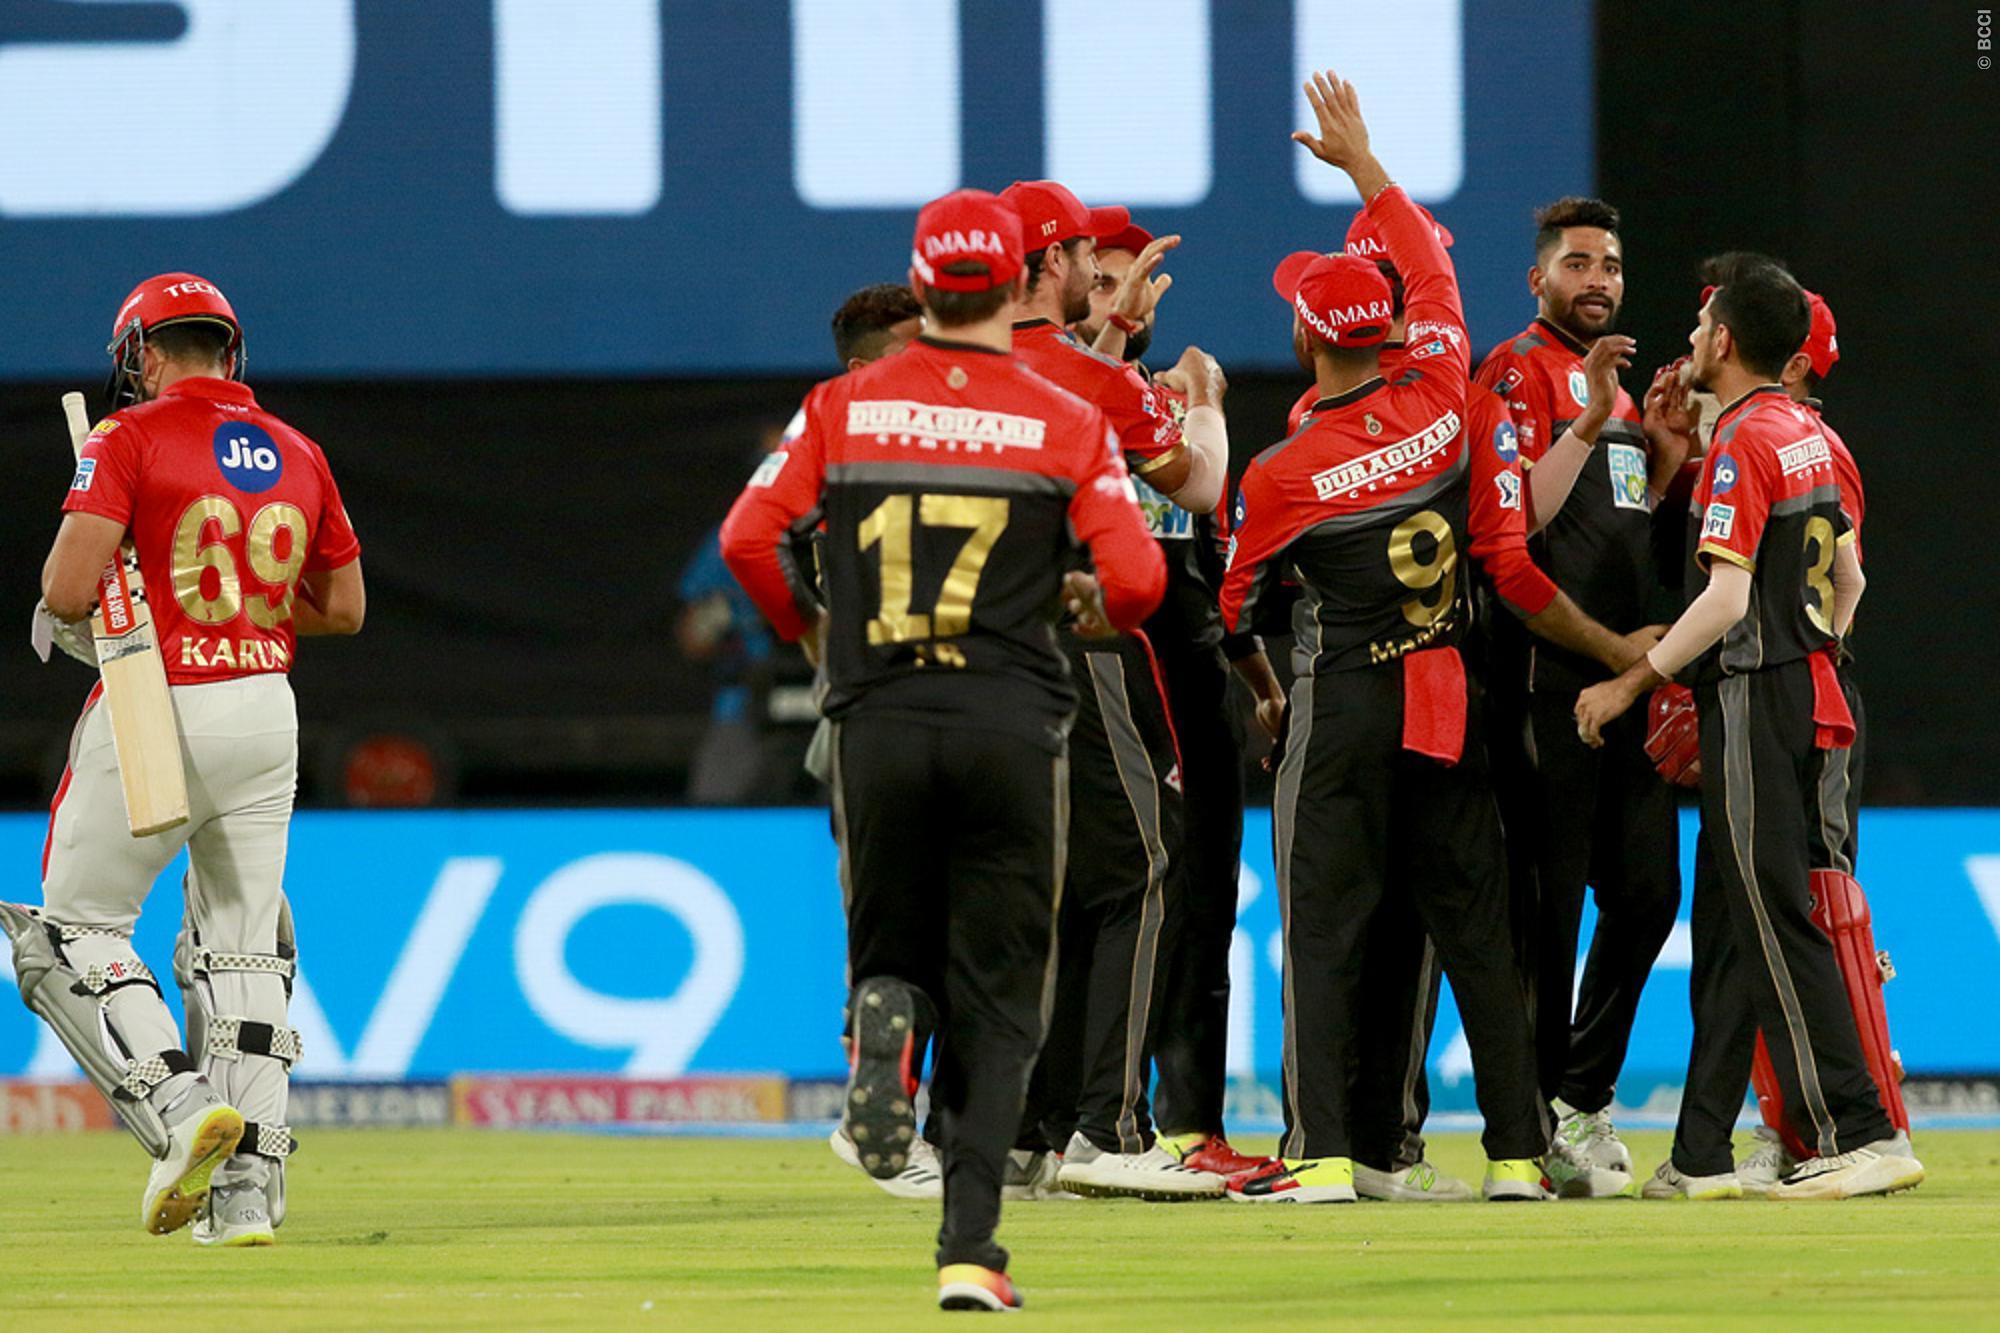 ट्वीटर रिएक्शन: किंग्स XI पंजाब की एक और हार पर आये ऐसे फनी कमेन्ट देख नहीं रुकेगी हंसी, वहीं जडेजा ने की उमेश की खिंचाई 19